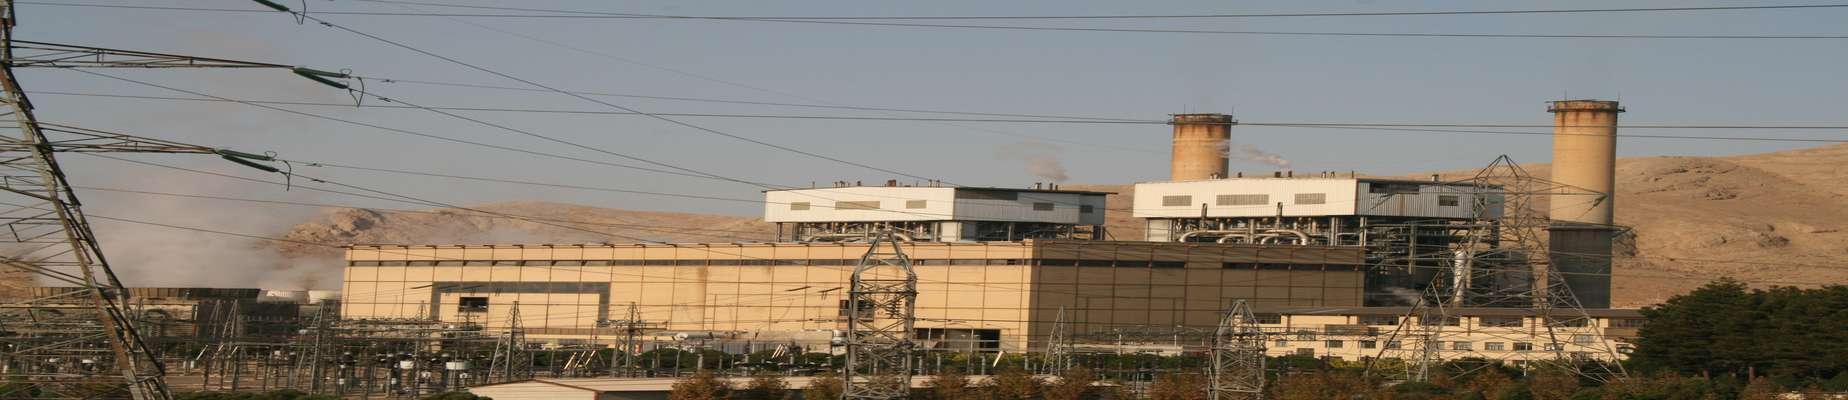 مدیرعامل شرکت مدیریت تولید برق اصفهان:افزایش 23 درصدی تولید برق در نیروگاه اصفهان